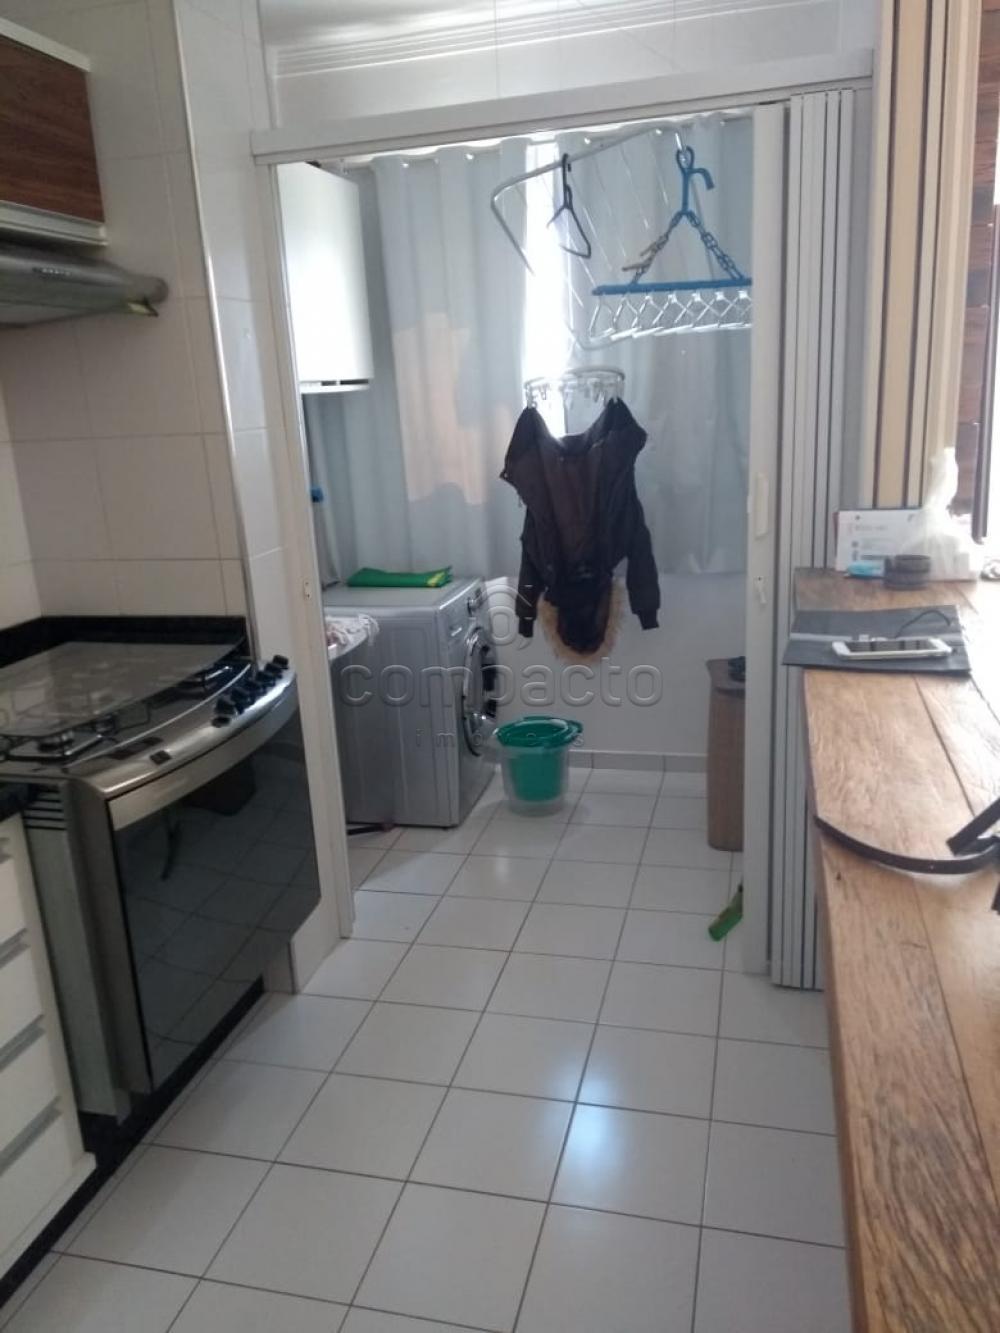 Comprar Apartamento / Padrão em São José do Rio Preto apenas R$ 450.000,00 - Foto 18